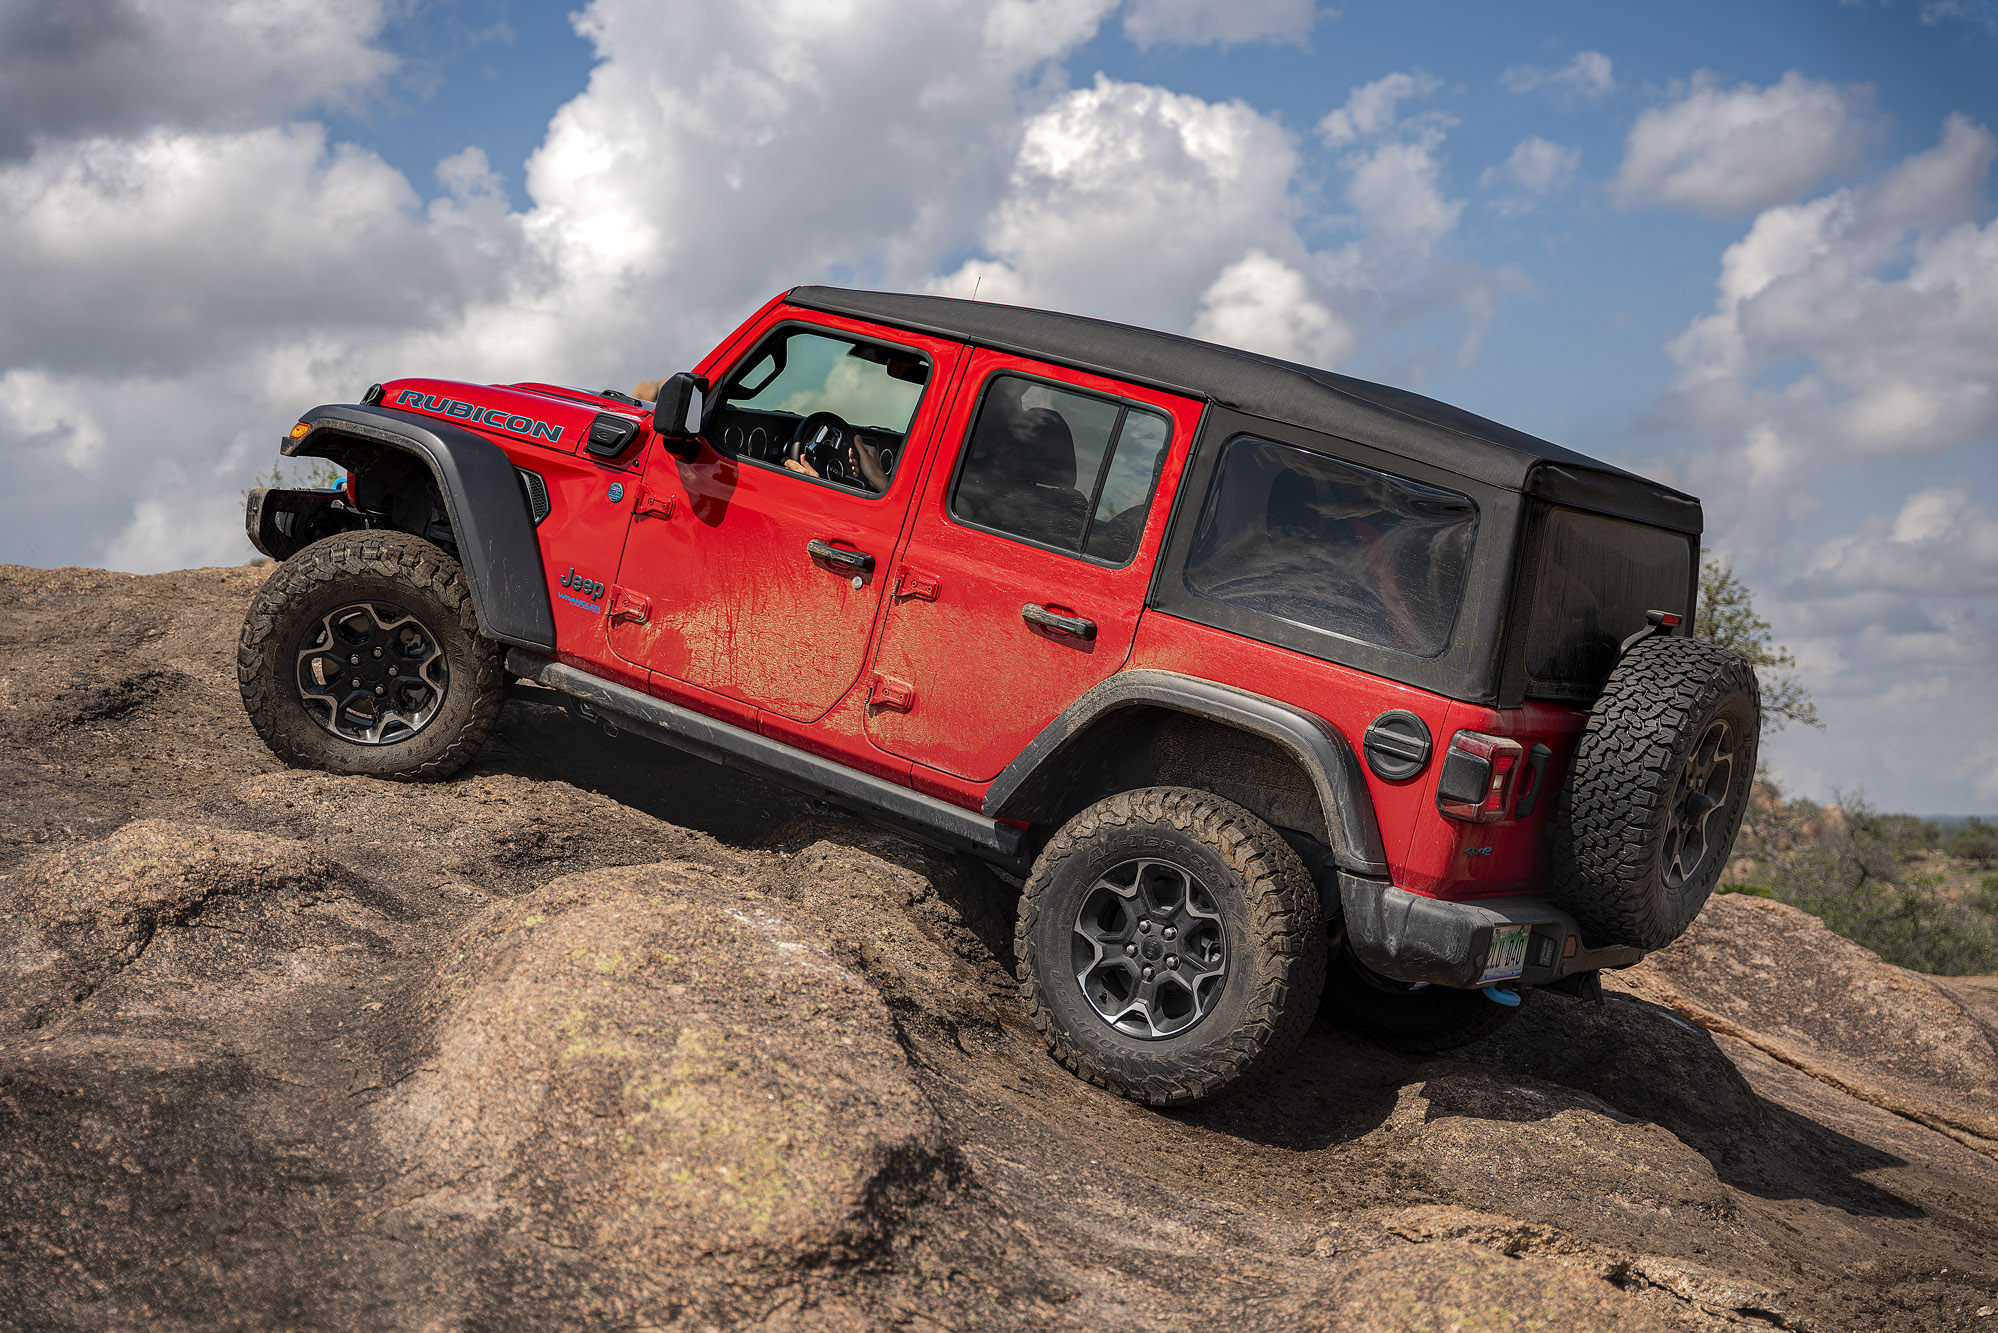 jeep wrangler JL 4xe plug in hybrid